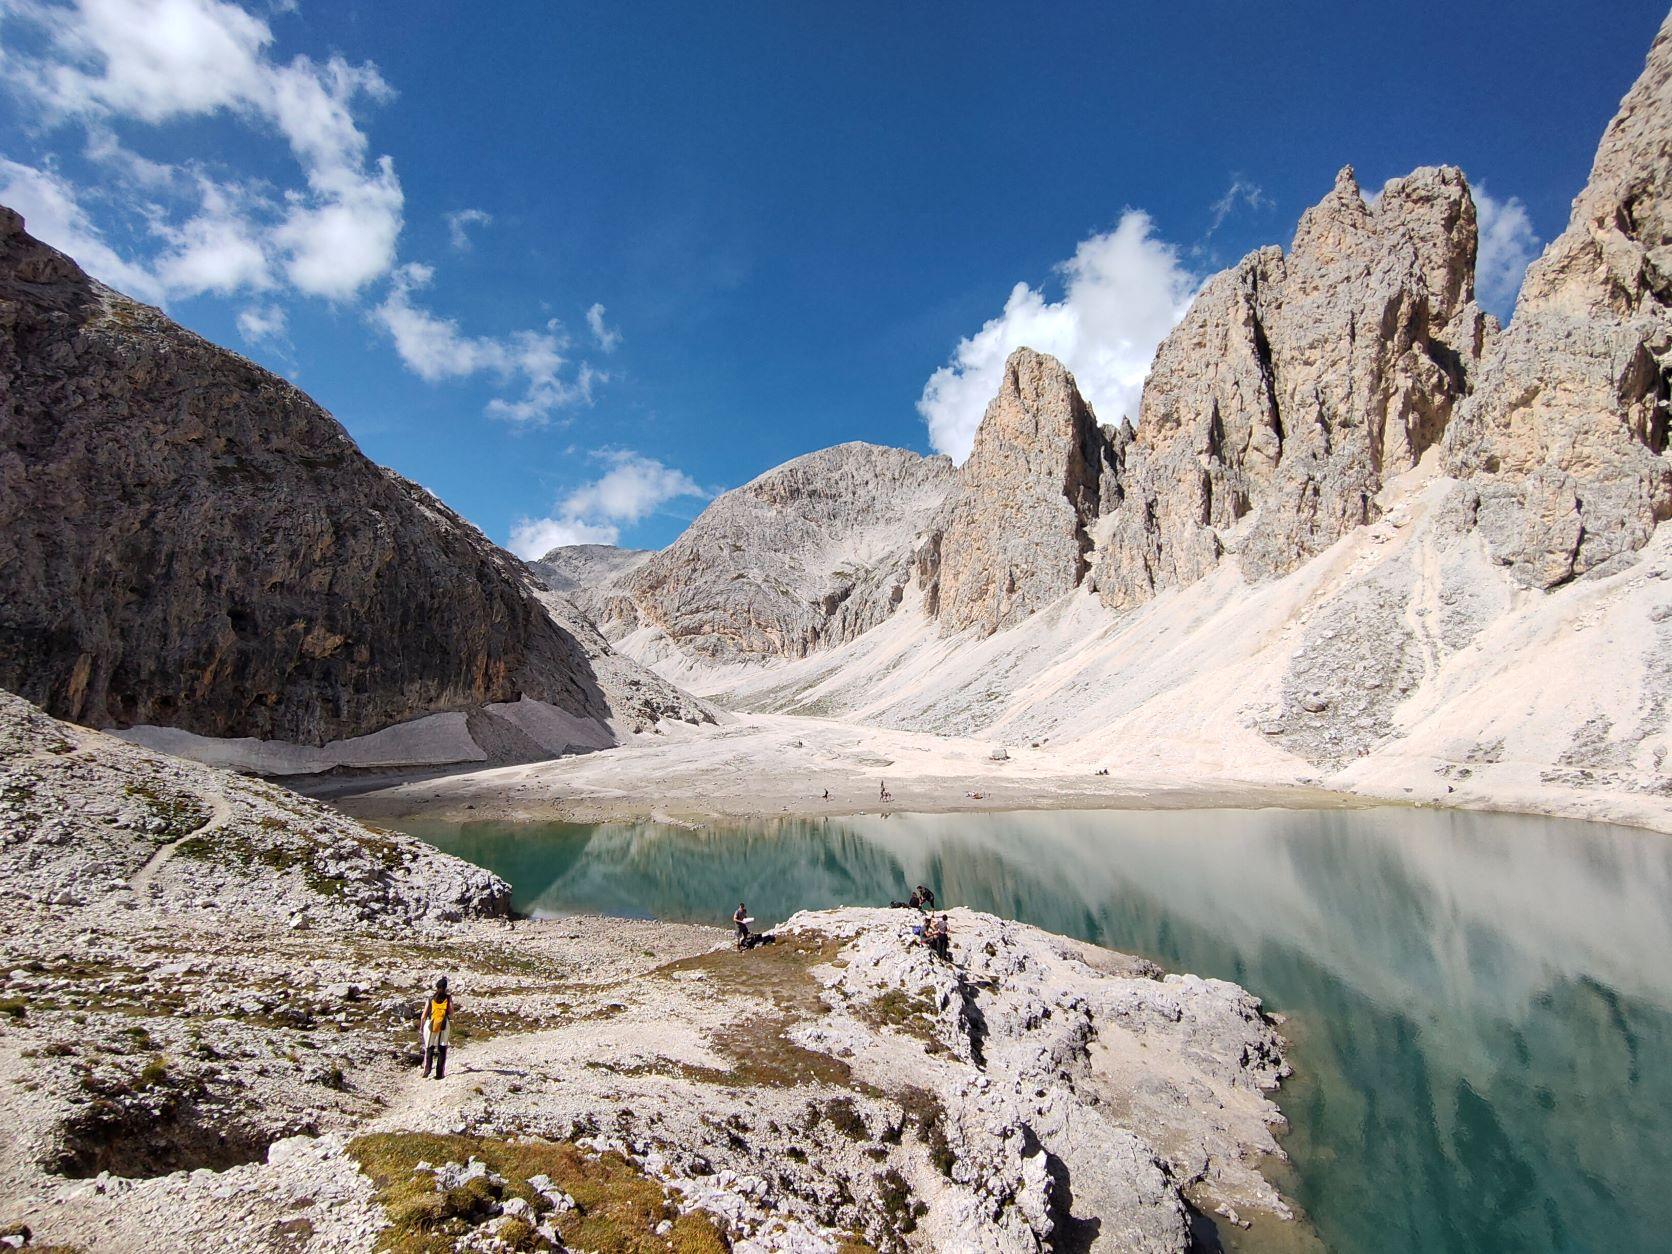 lago-antermoia-catinaccio